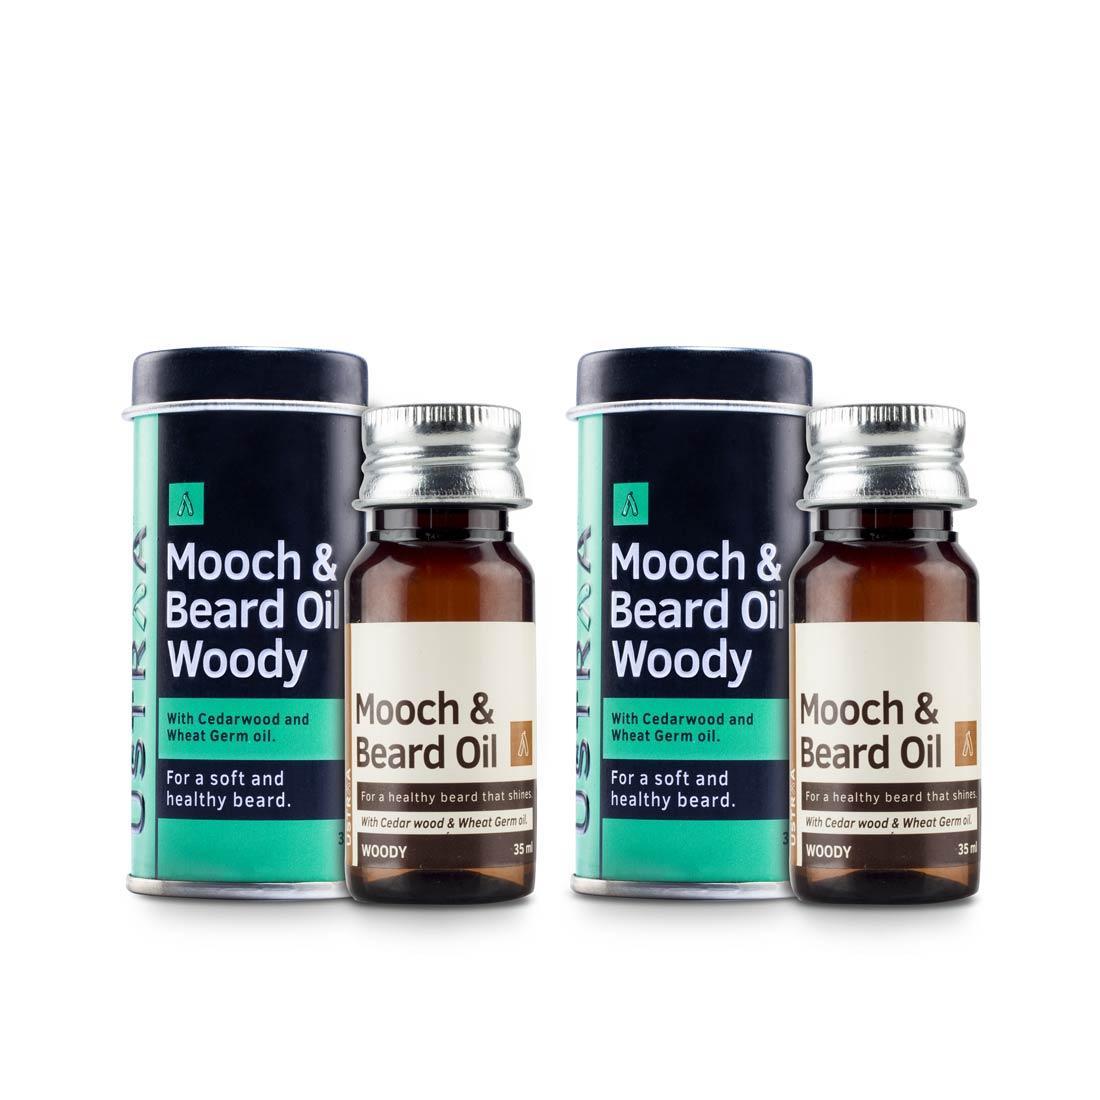 Beard & Mooch Oil (Woody) - Set of 2